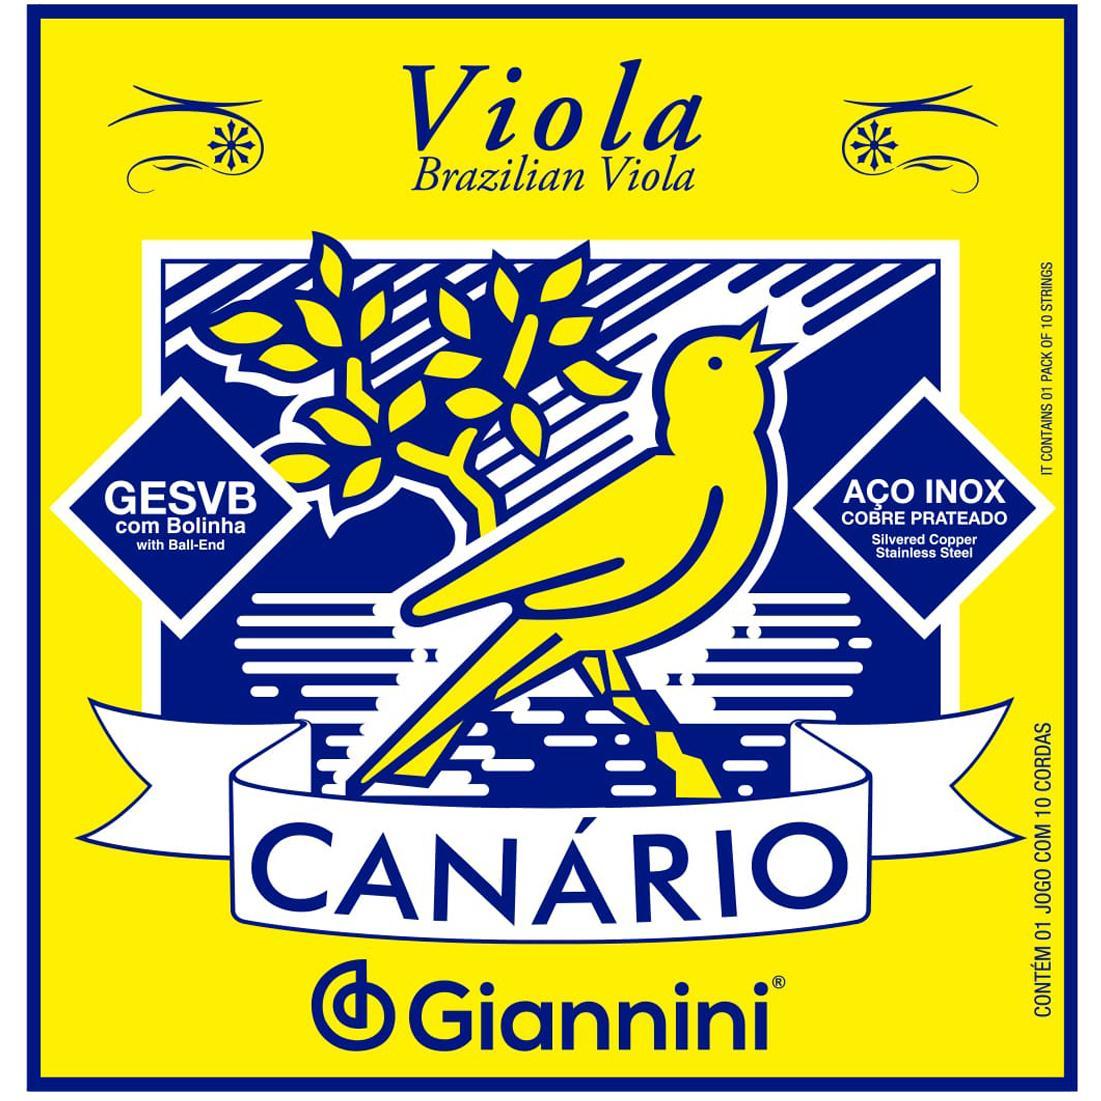 Encordoamento para Viola 10 Cordas Giannini 011-033 - Canário GESVB